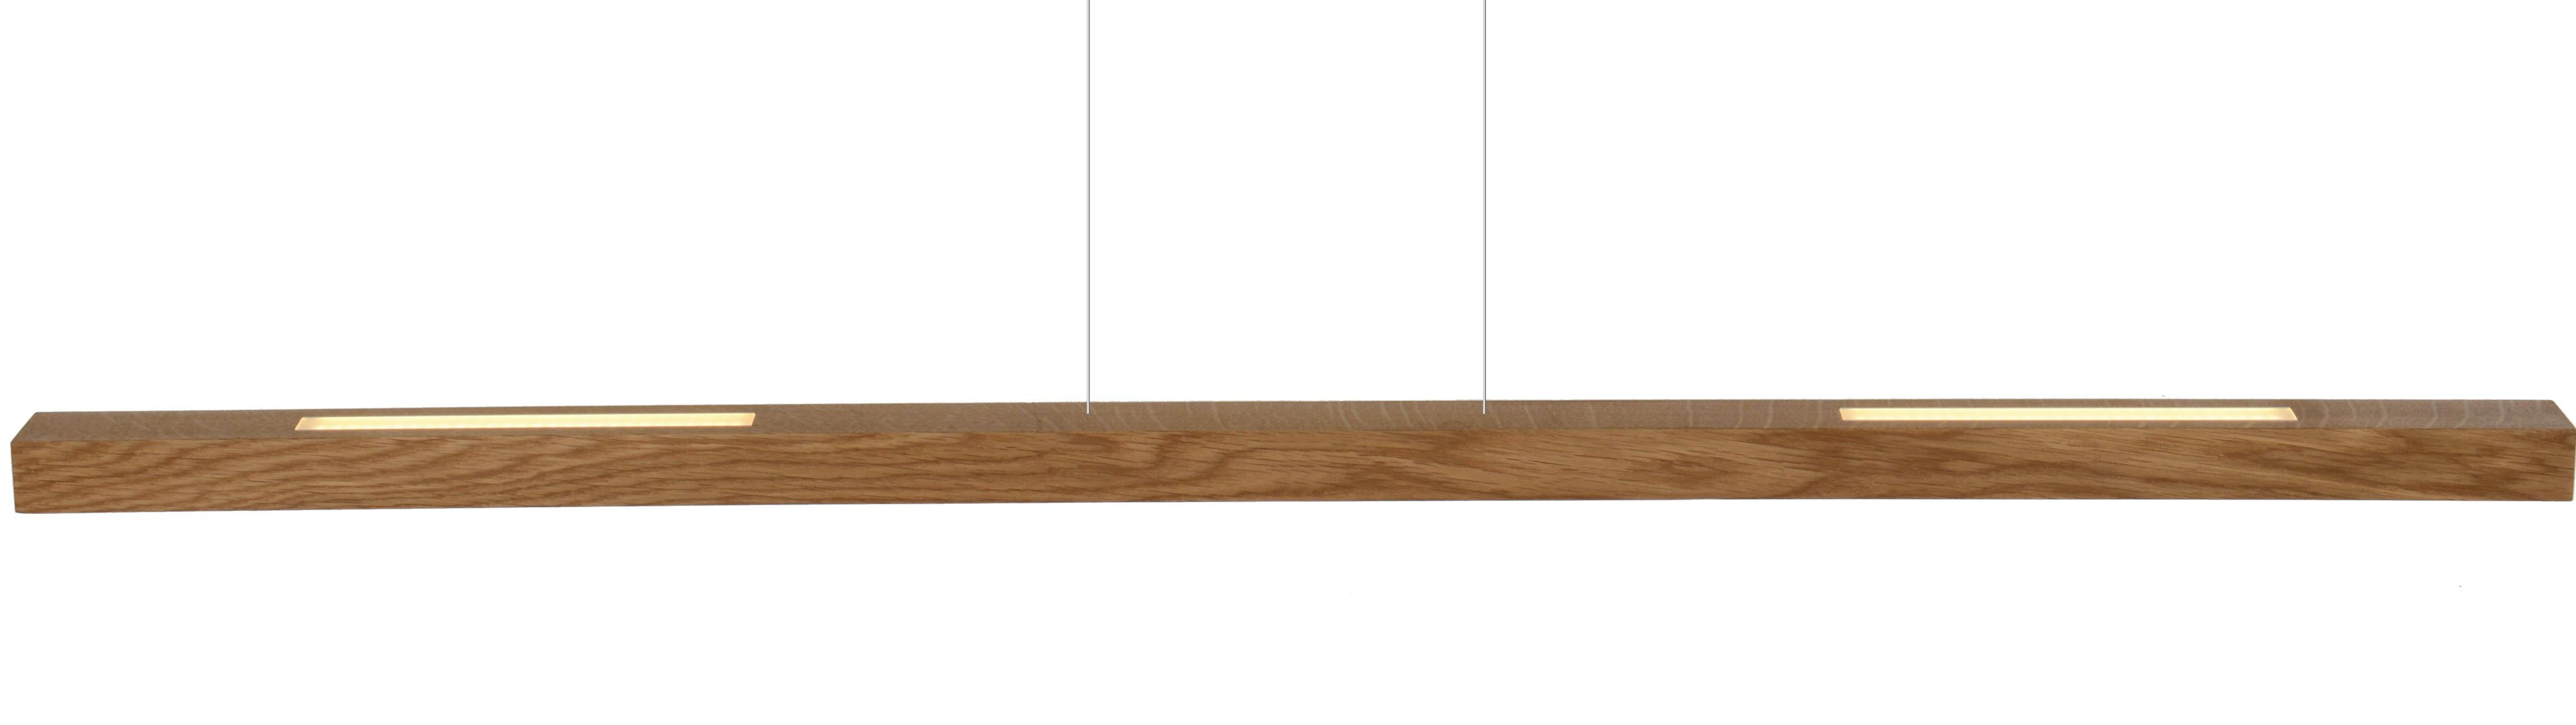 lampe holz und led inspiration f r die. Black Bedroom Furniture Sets. Home Design Ideas